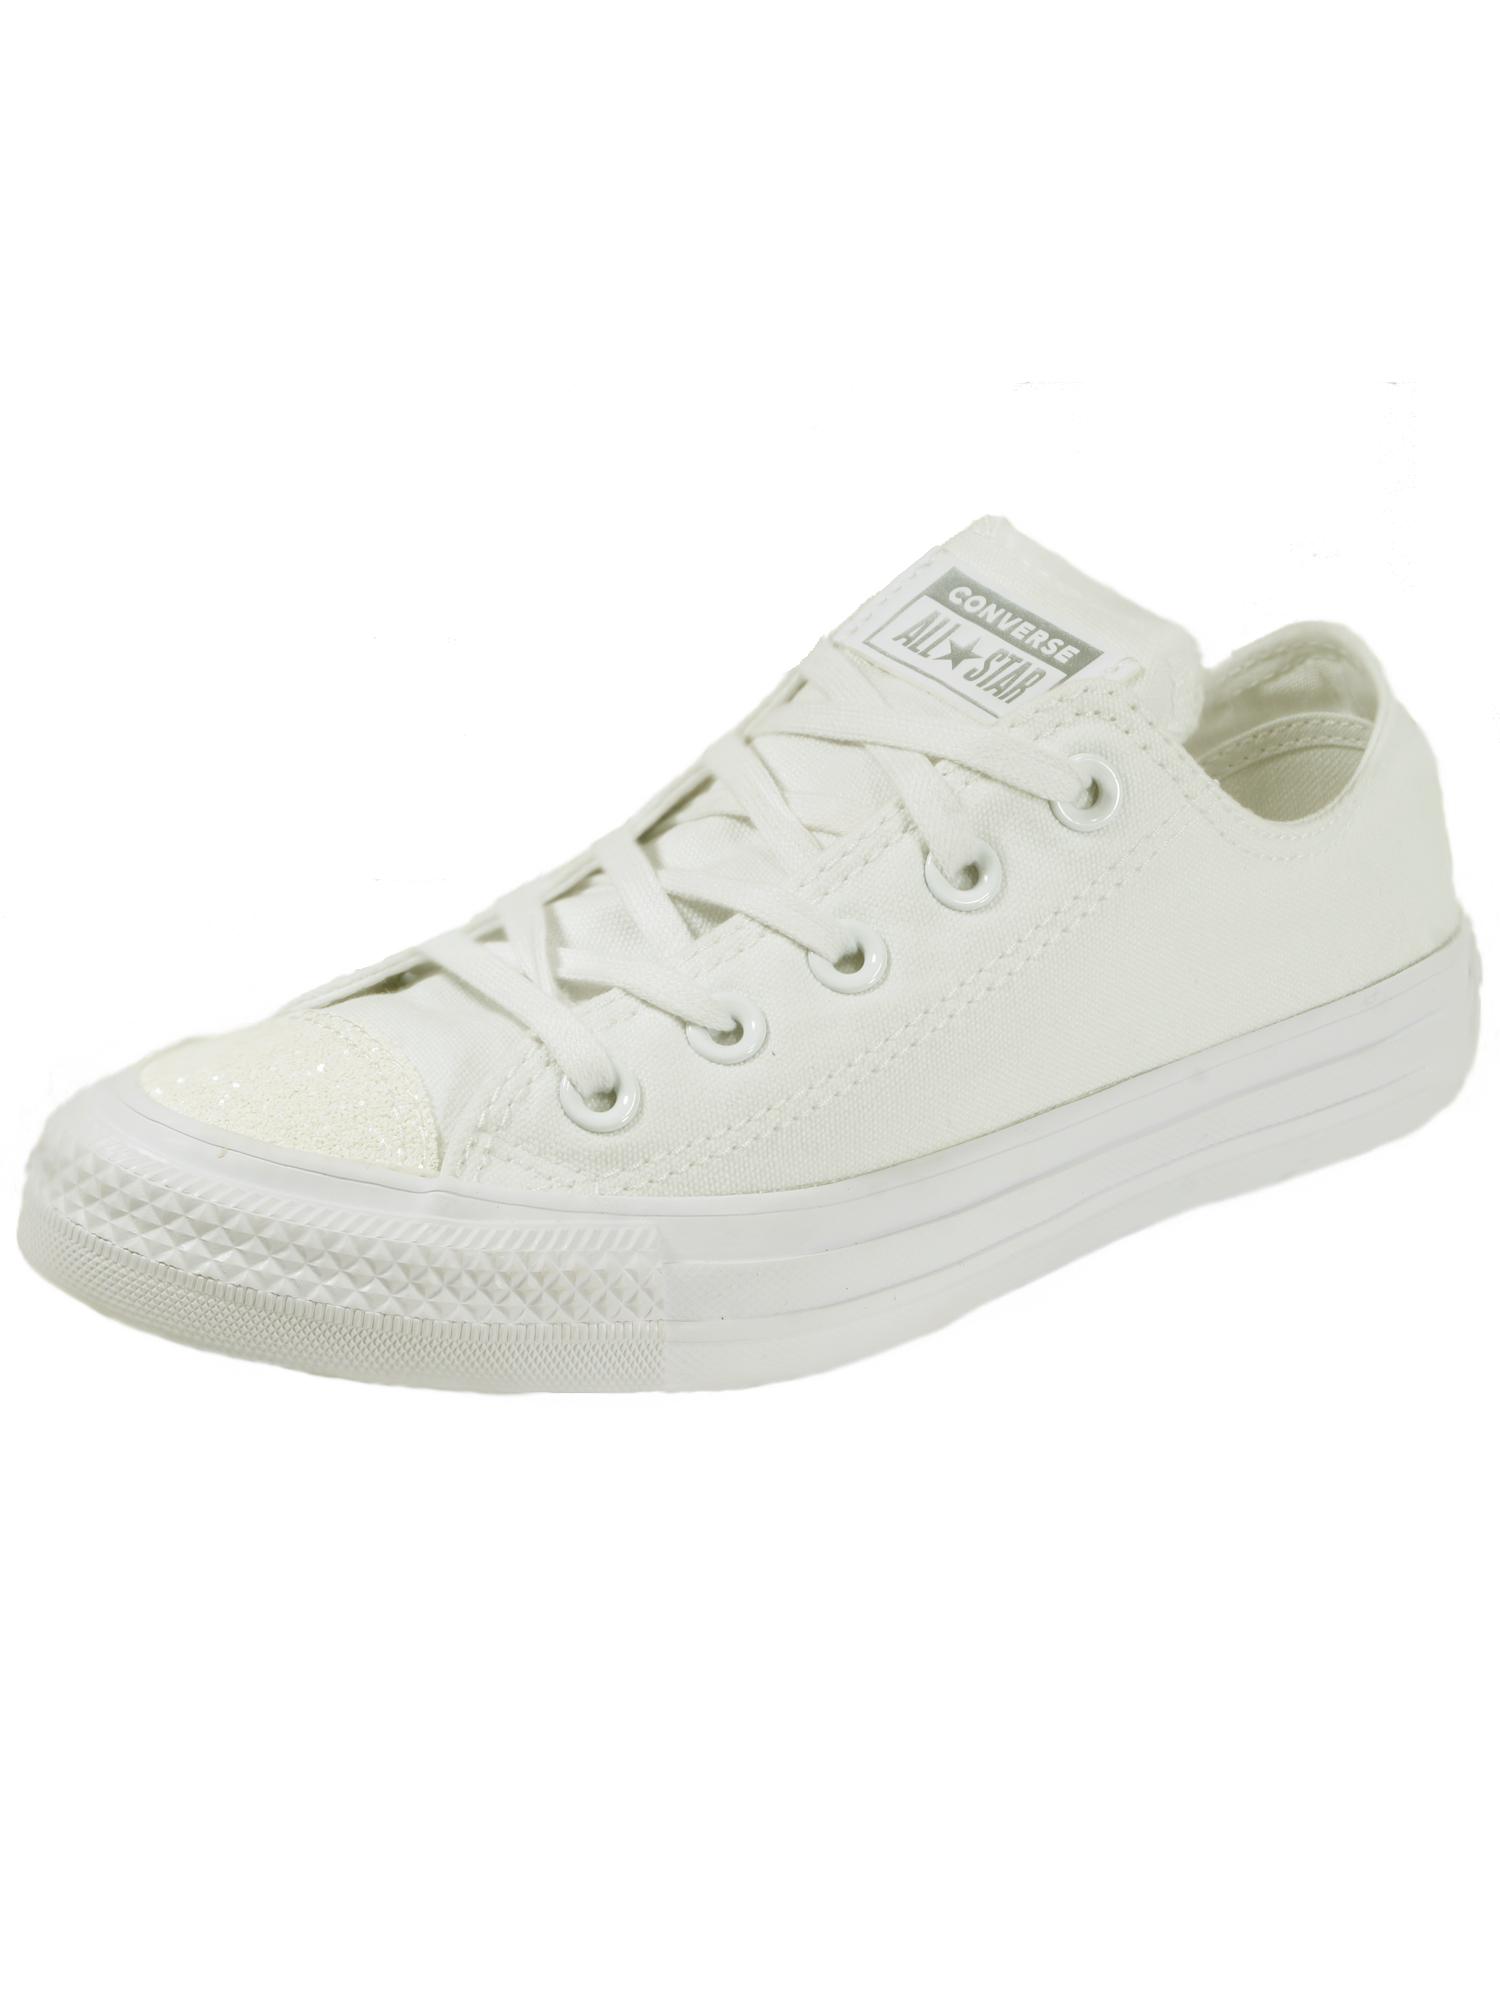 Converse Damen Schuhe CT All Star Ox Weiß Leinen Sneakers Gr. 37